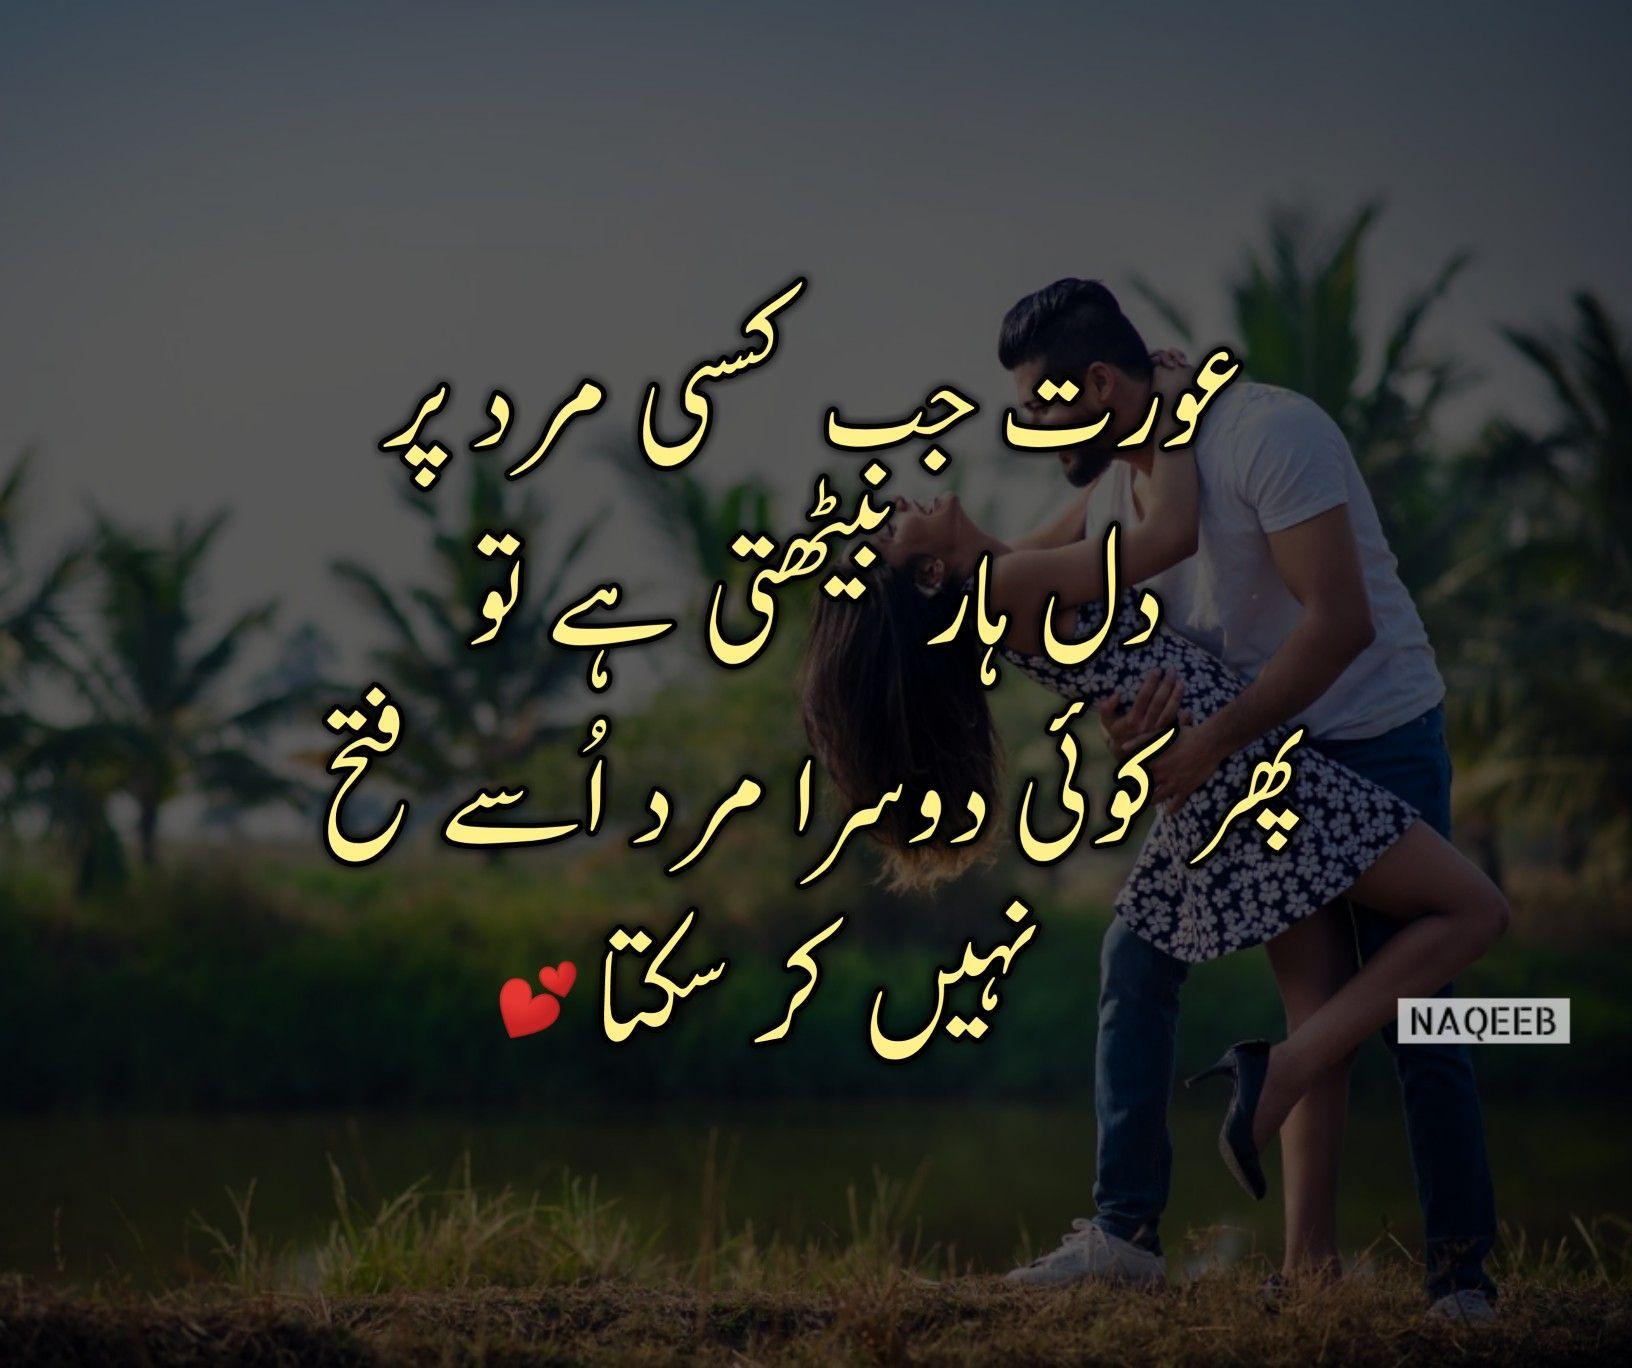 latest urdu poetry, love urdu poetry, 2 line urdu poetry